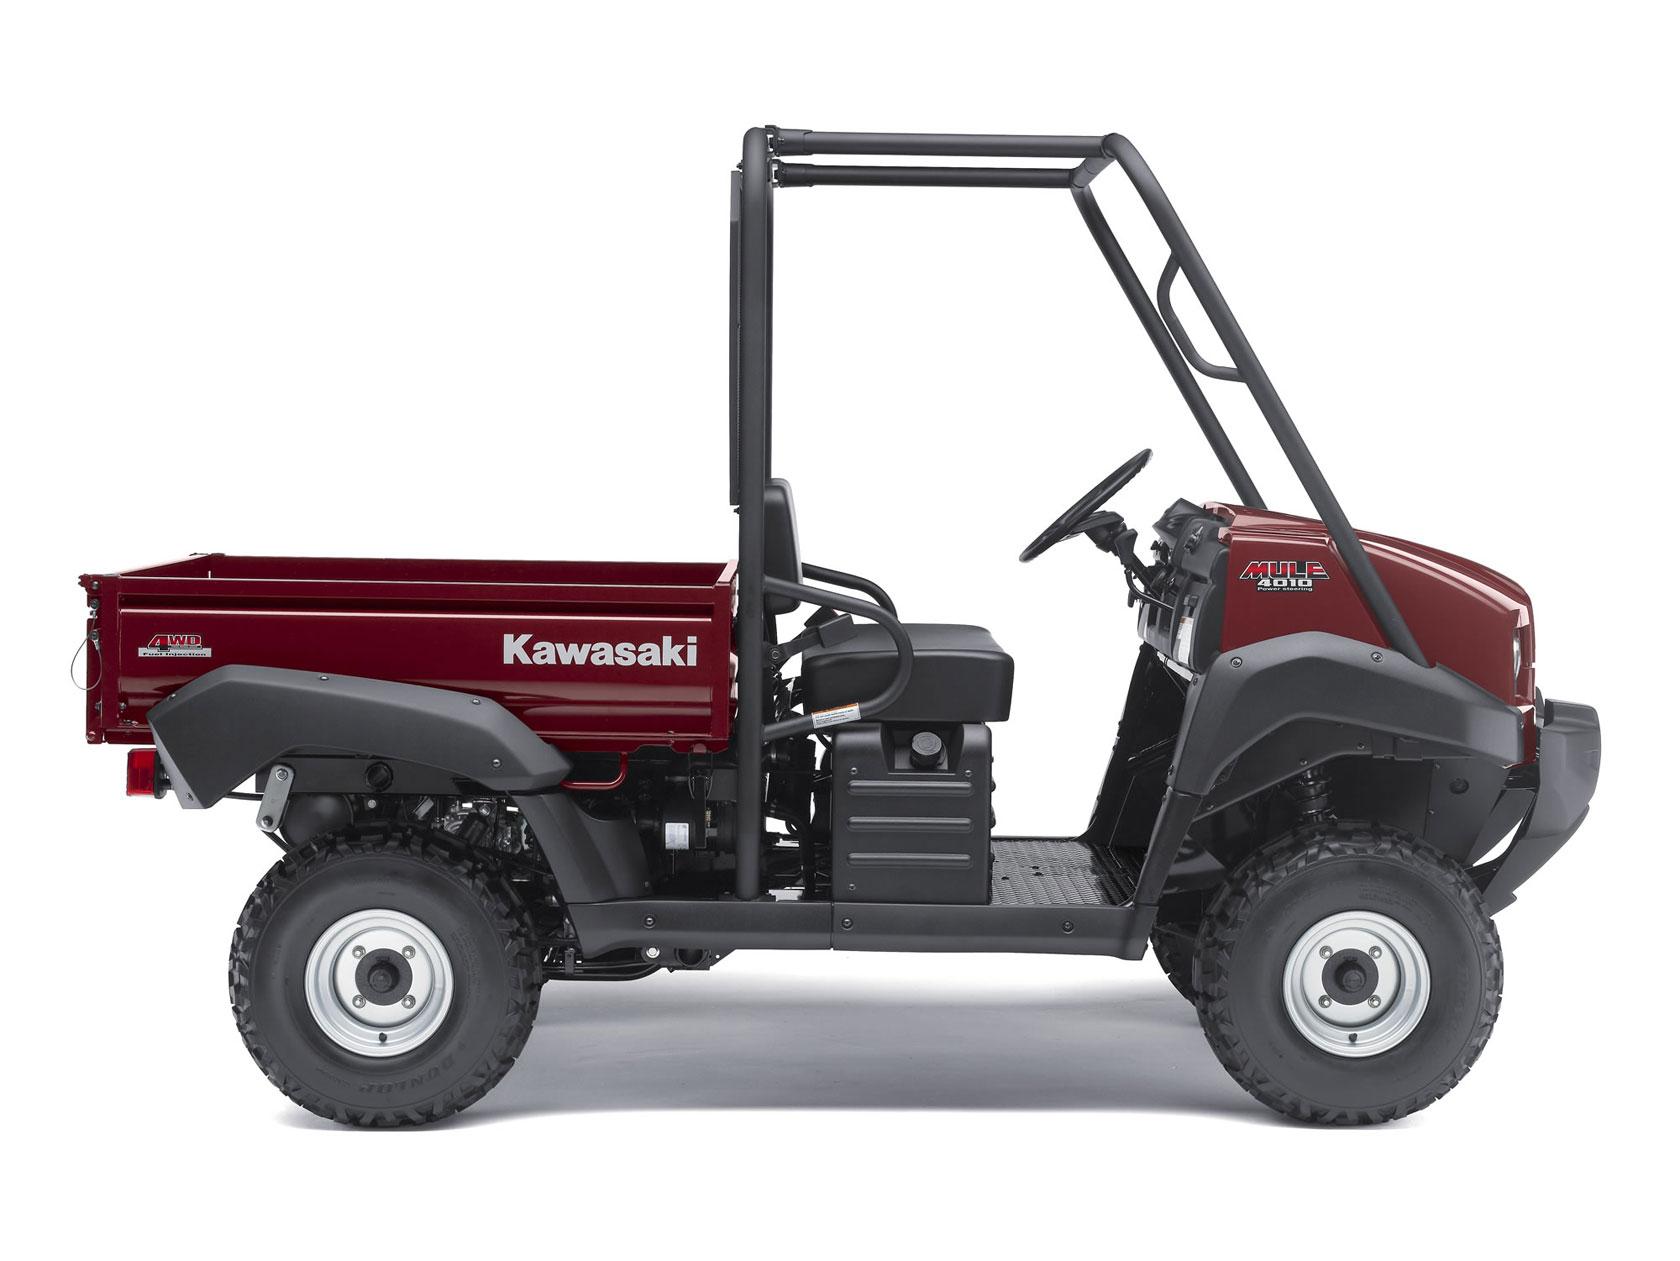 New Kawasaki Mule X